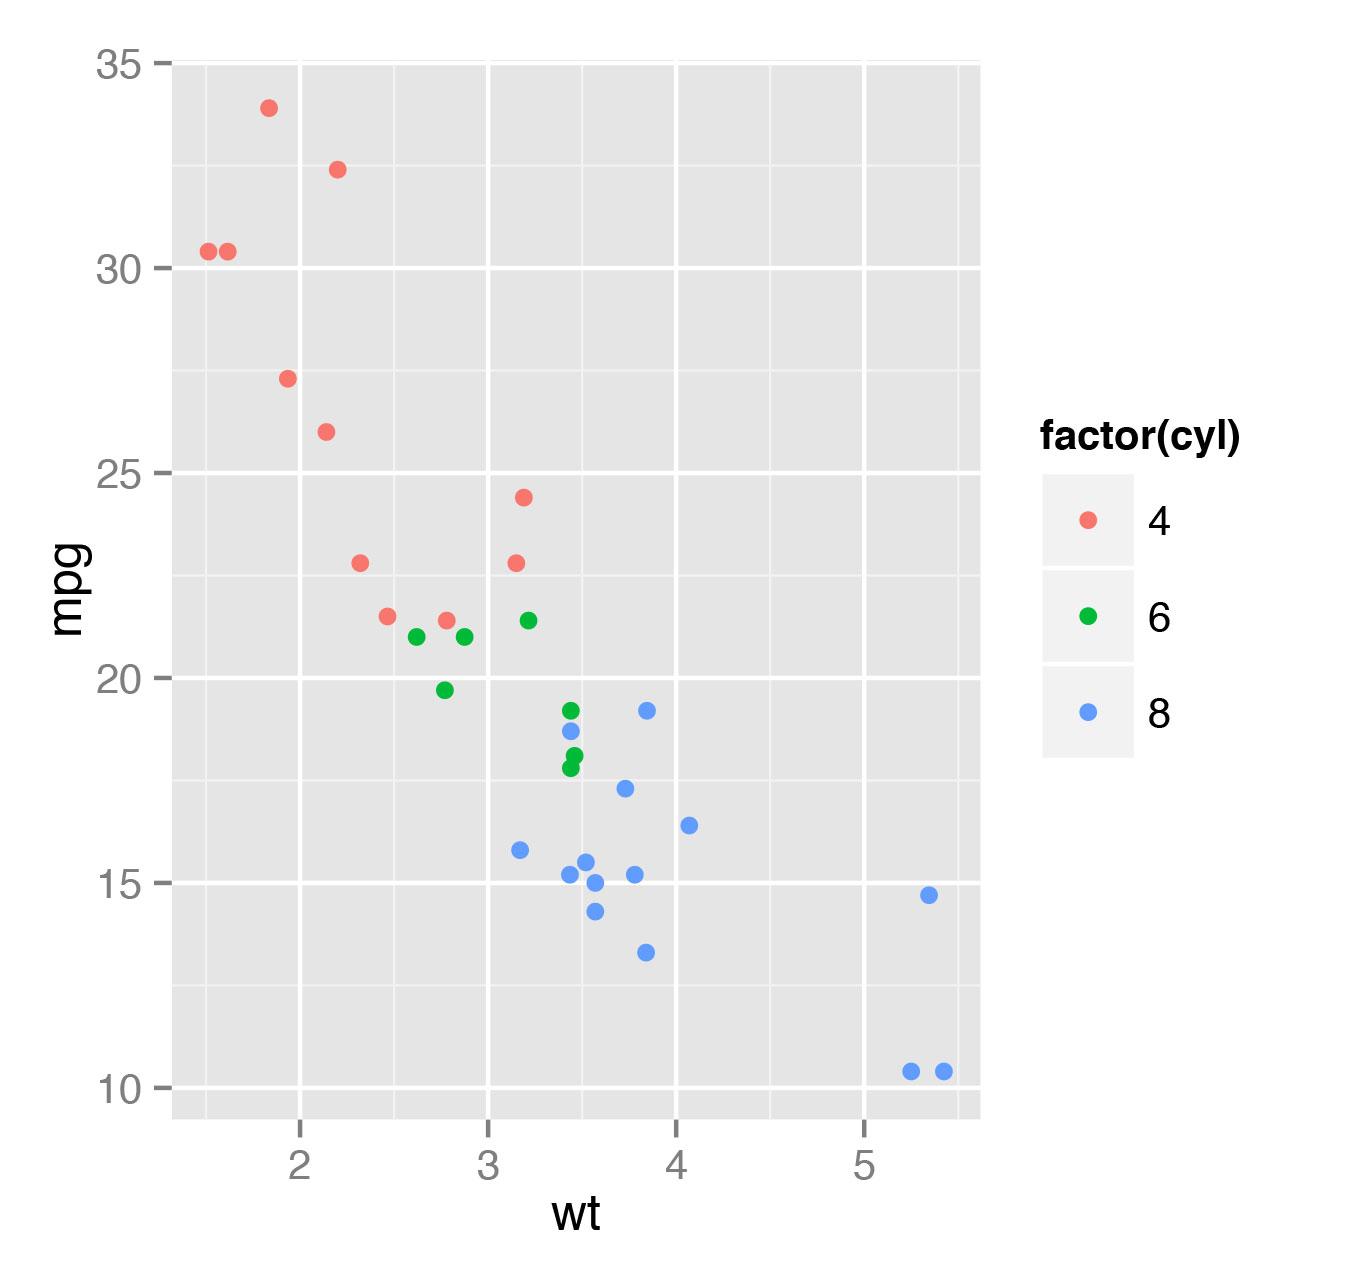 Рис. 3. Диаграмма зависимости экономичности автомобиля от массы с отображением информации о количестве цилиндров